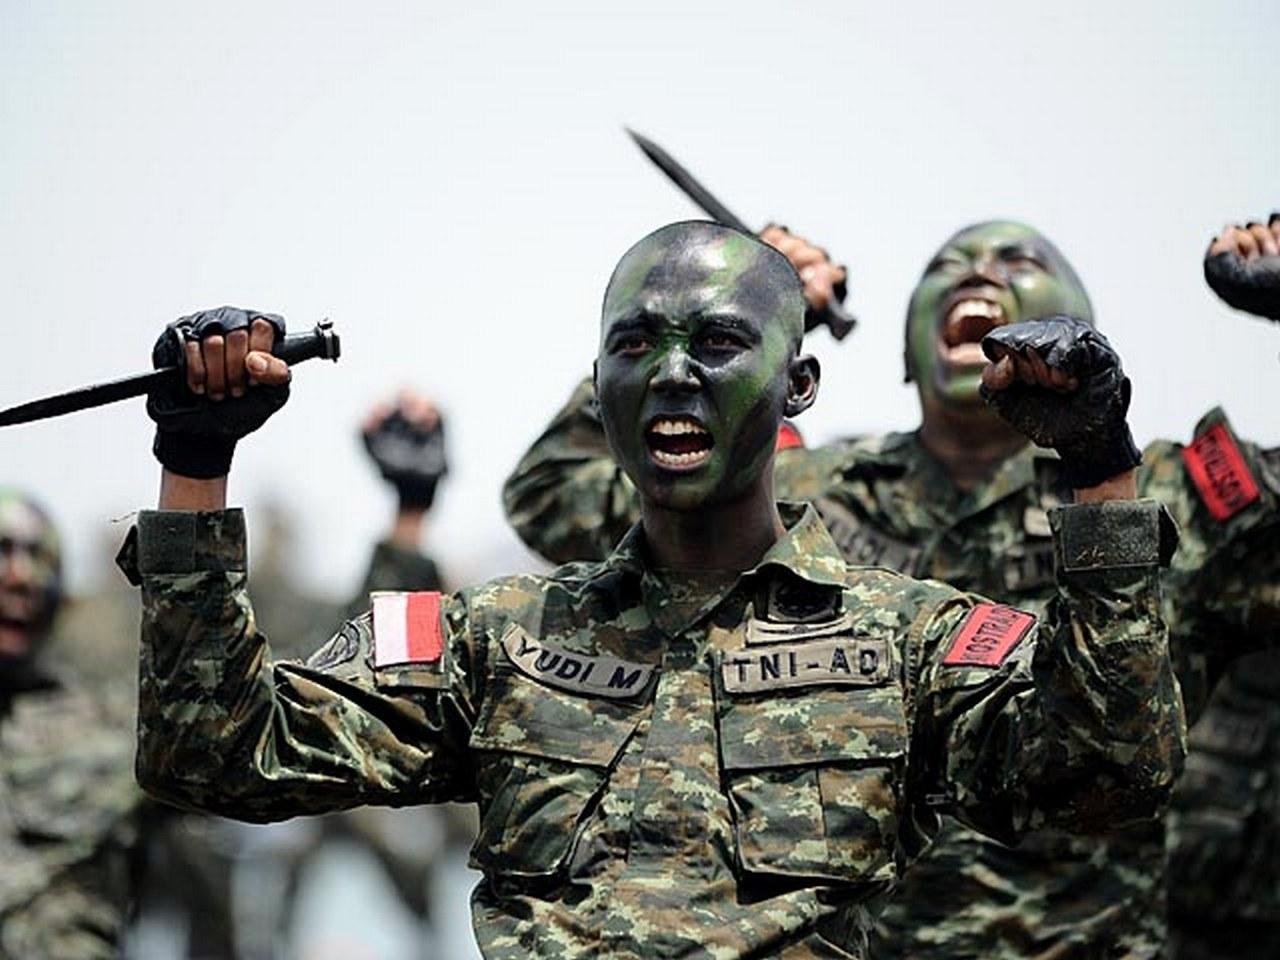 Противостояние США и КНР: Индонезия находится между двух огней